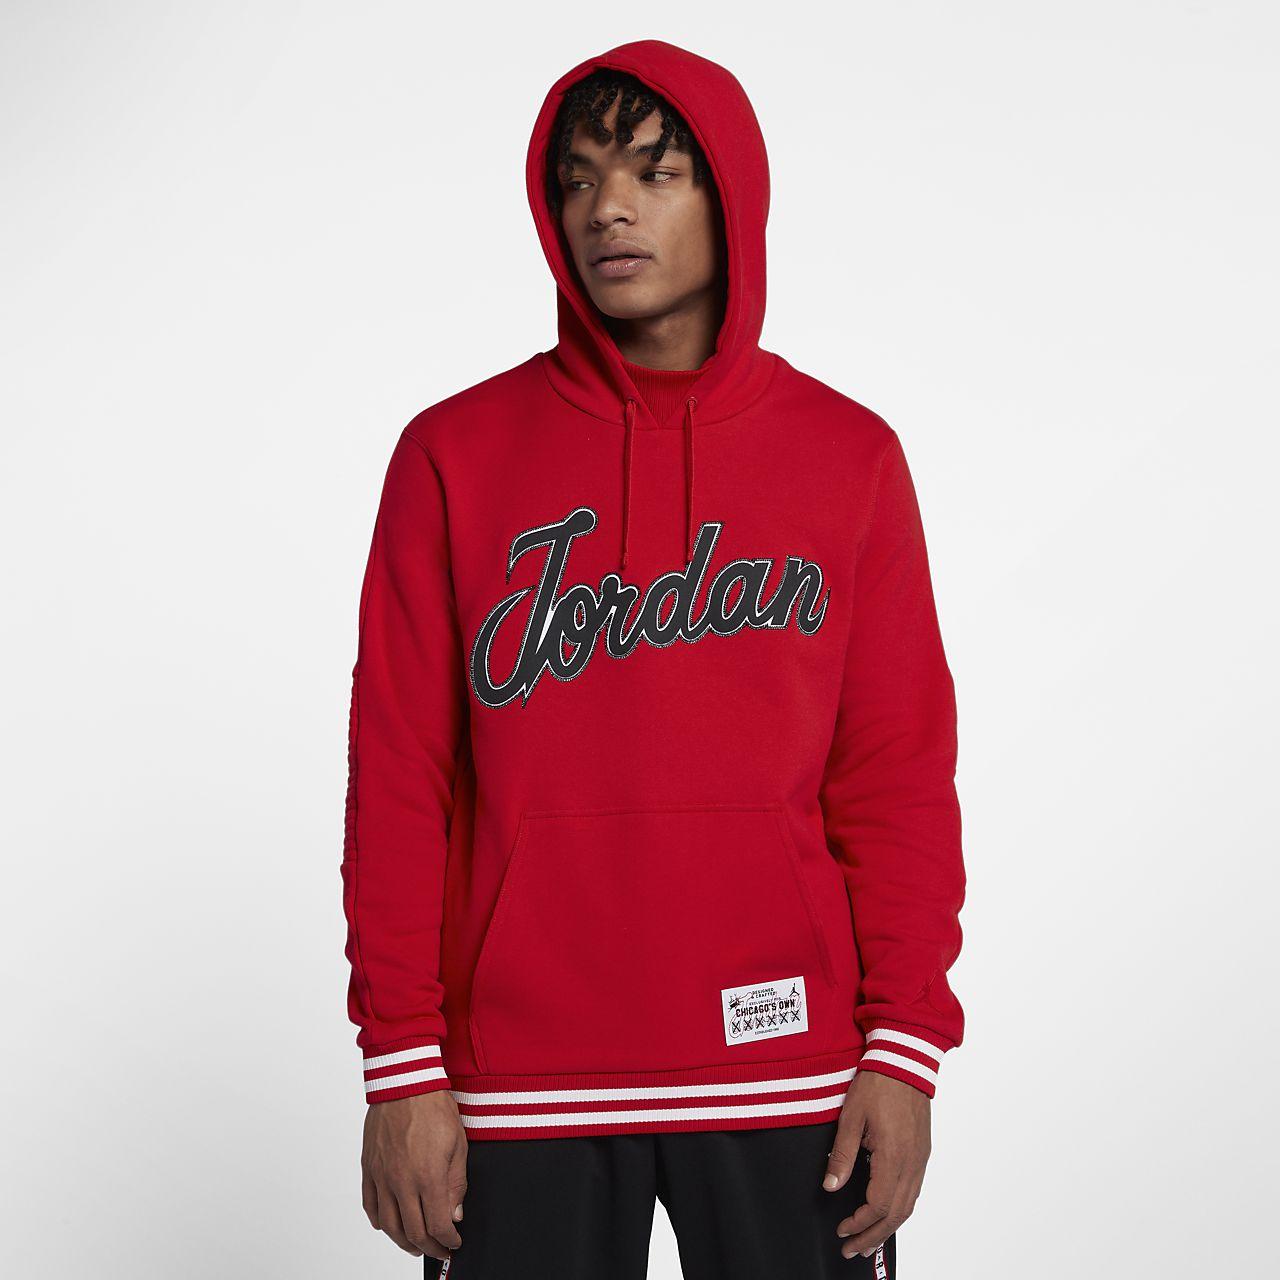 8de38003ce4a Jordan Sportswear Men s Hockey Pullover Hoodie. Nike.com NL